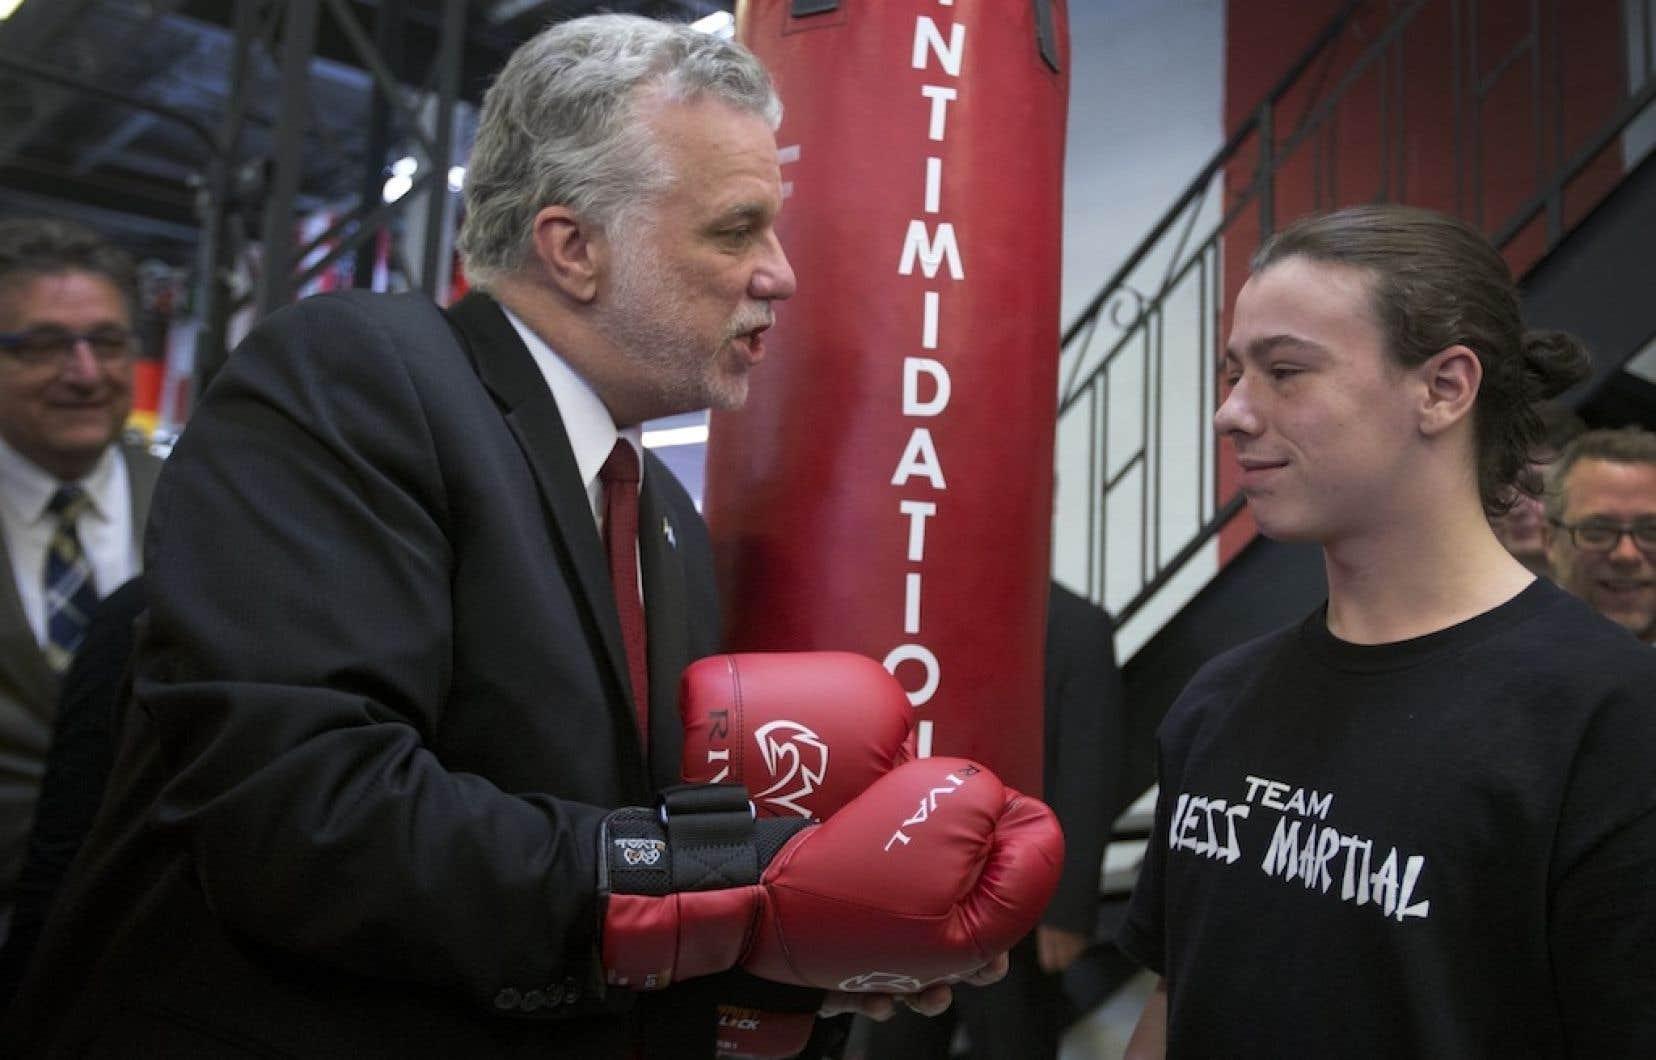 Le chef du Parti libéral du Québec, Philippe Couillard, s'est entretenu quelques instants avec Gianni Kendall dans une école de combat extrême de Montréal-Nord.